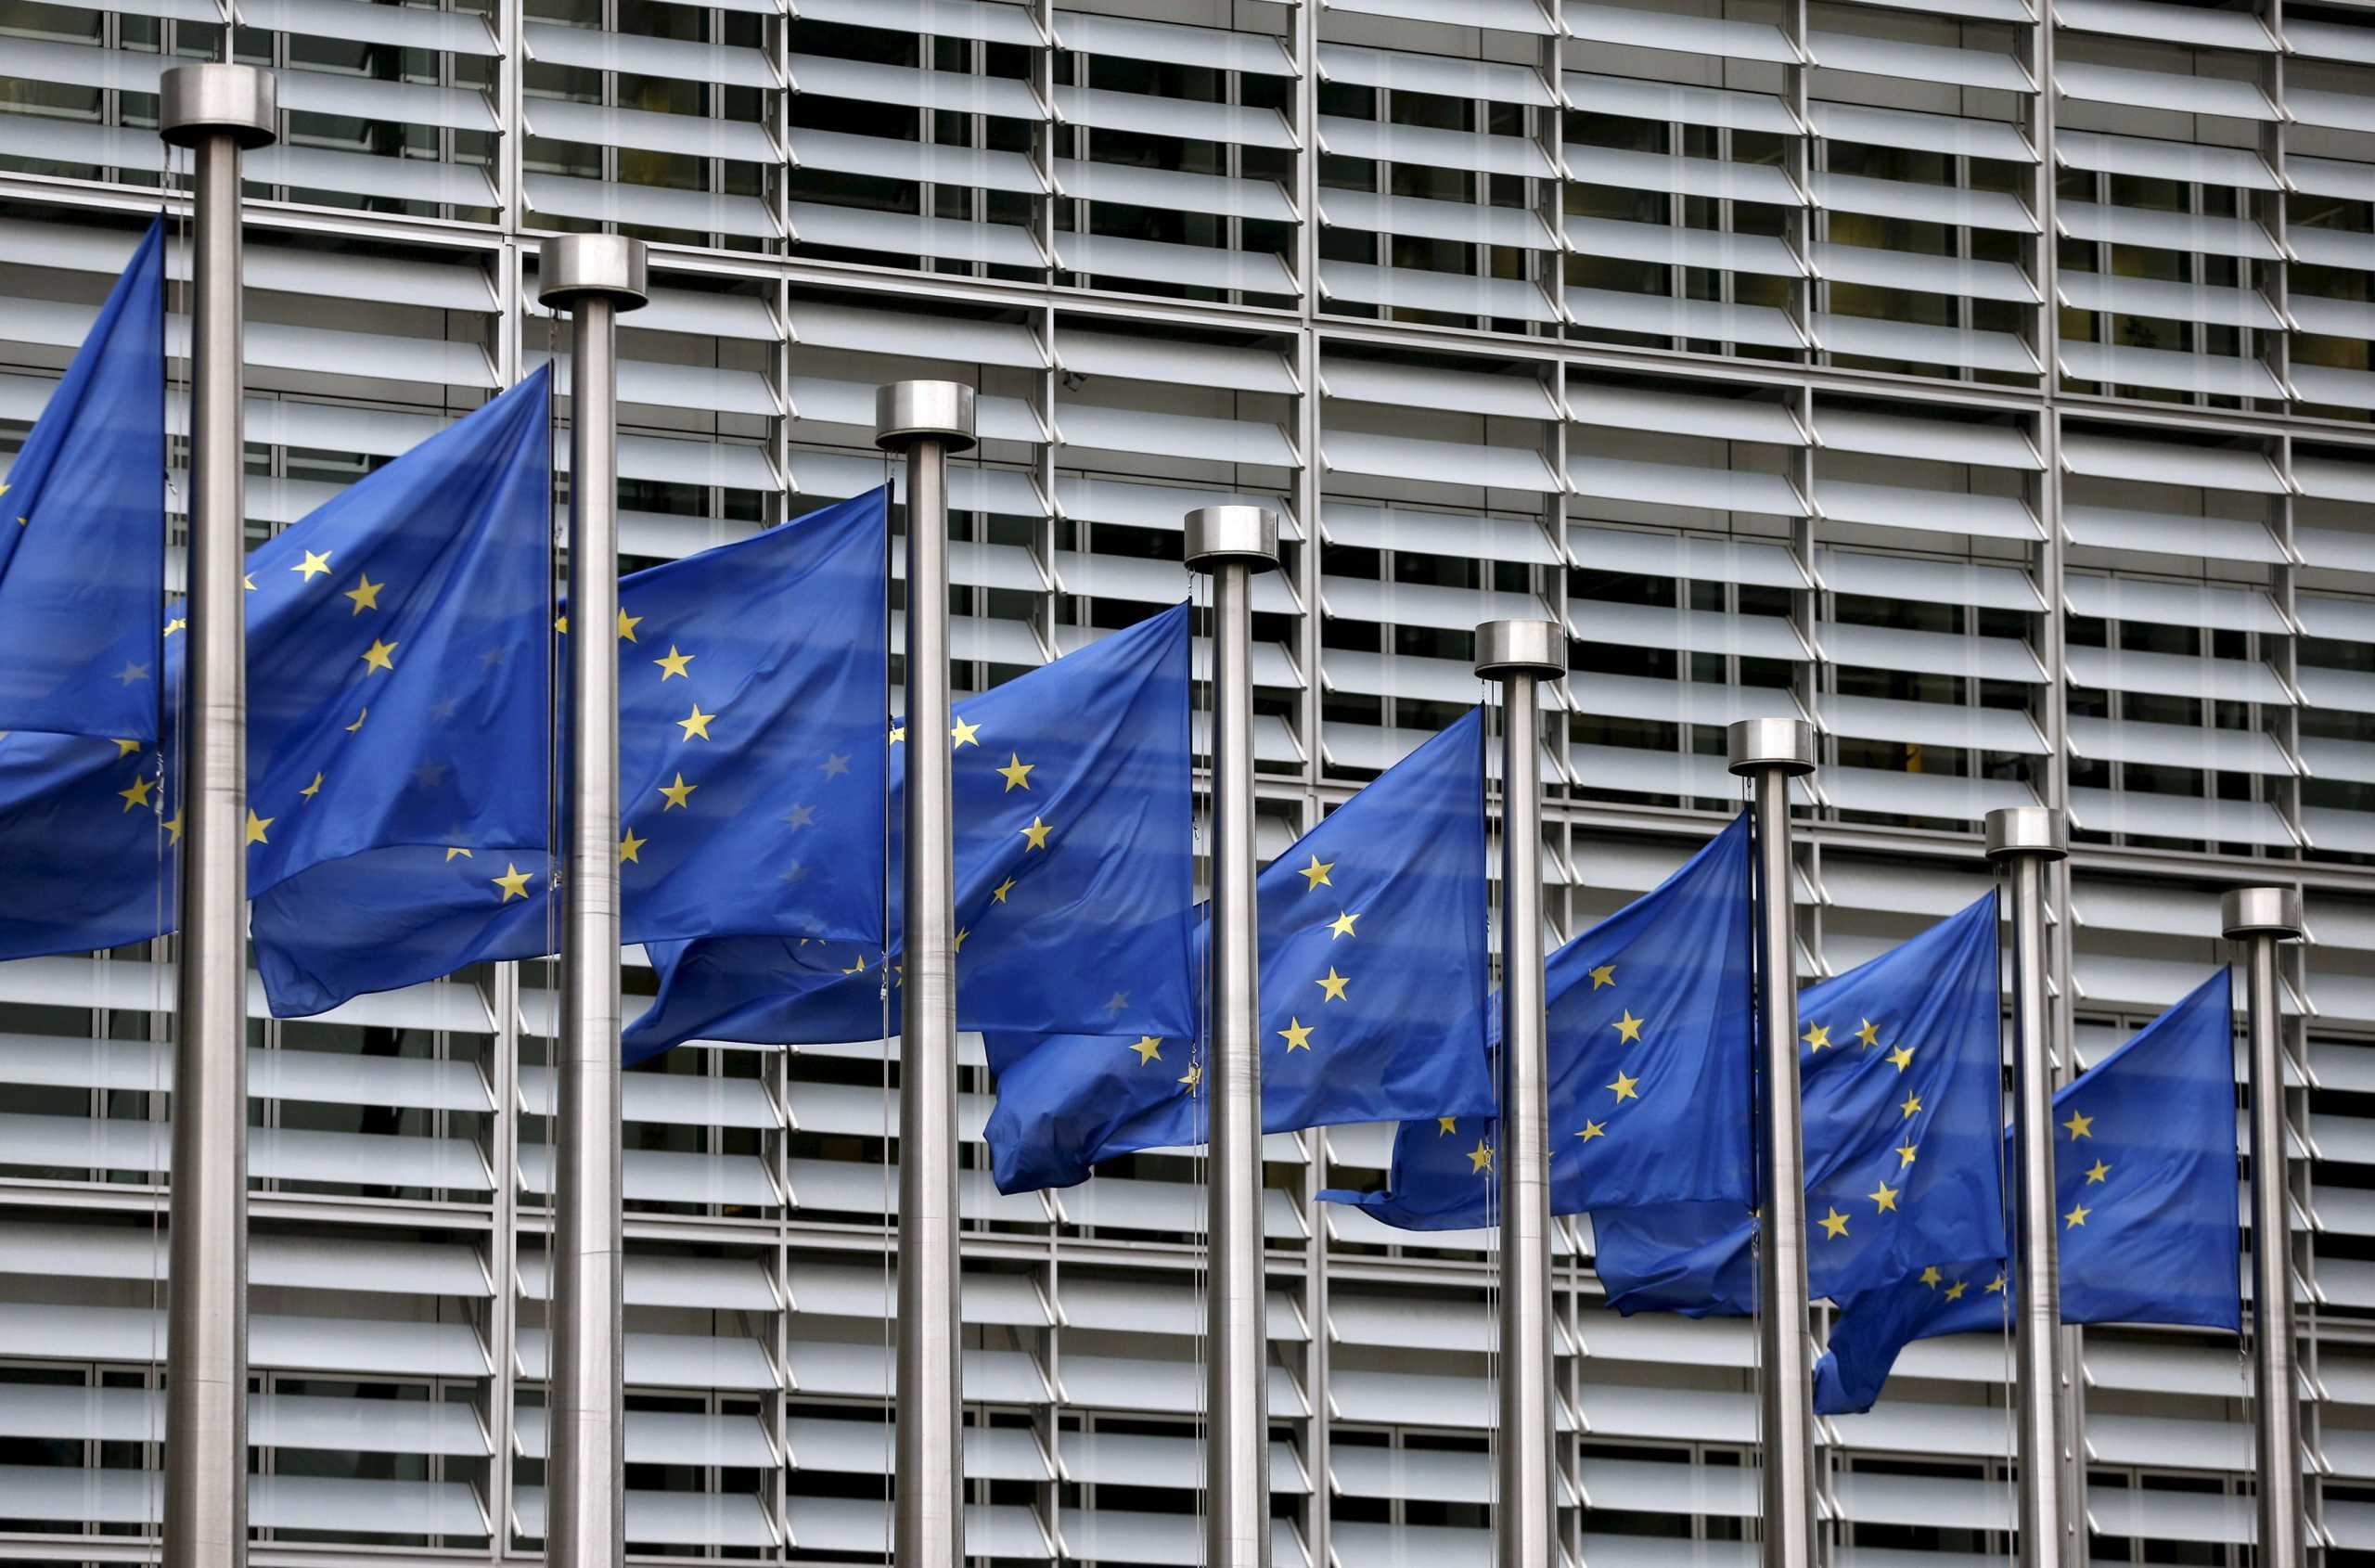 ΕΕ: Δυσαρέσκεια για την διανομή των εμβολίων από πολλές χώρες – Ζητούν τη διεξαγωγή συνόδου